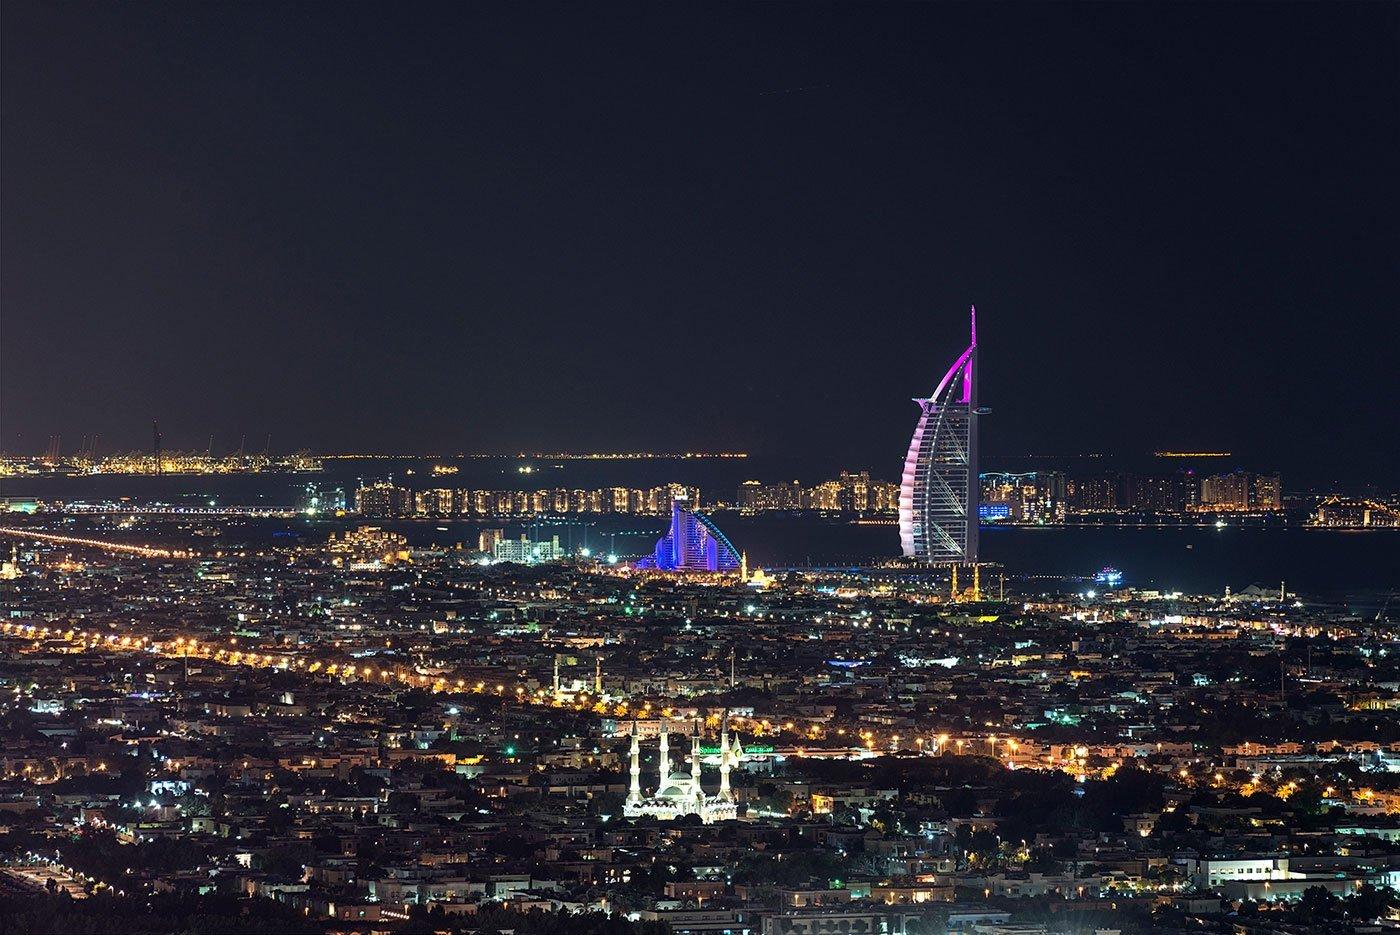 burj al arab at night lit in purple light